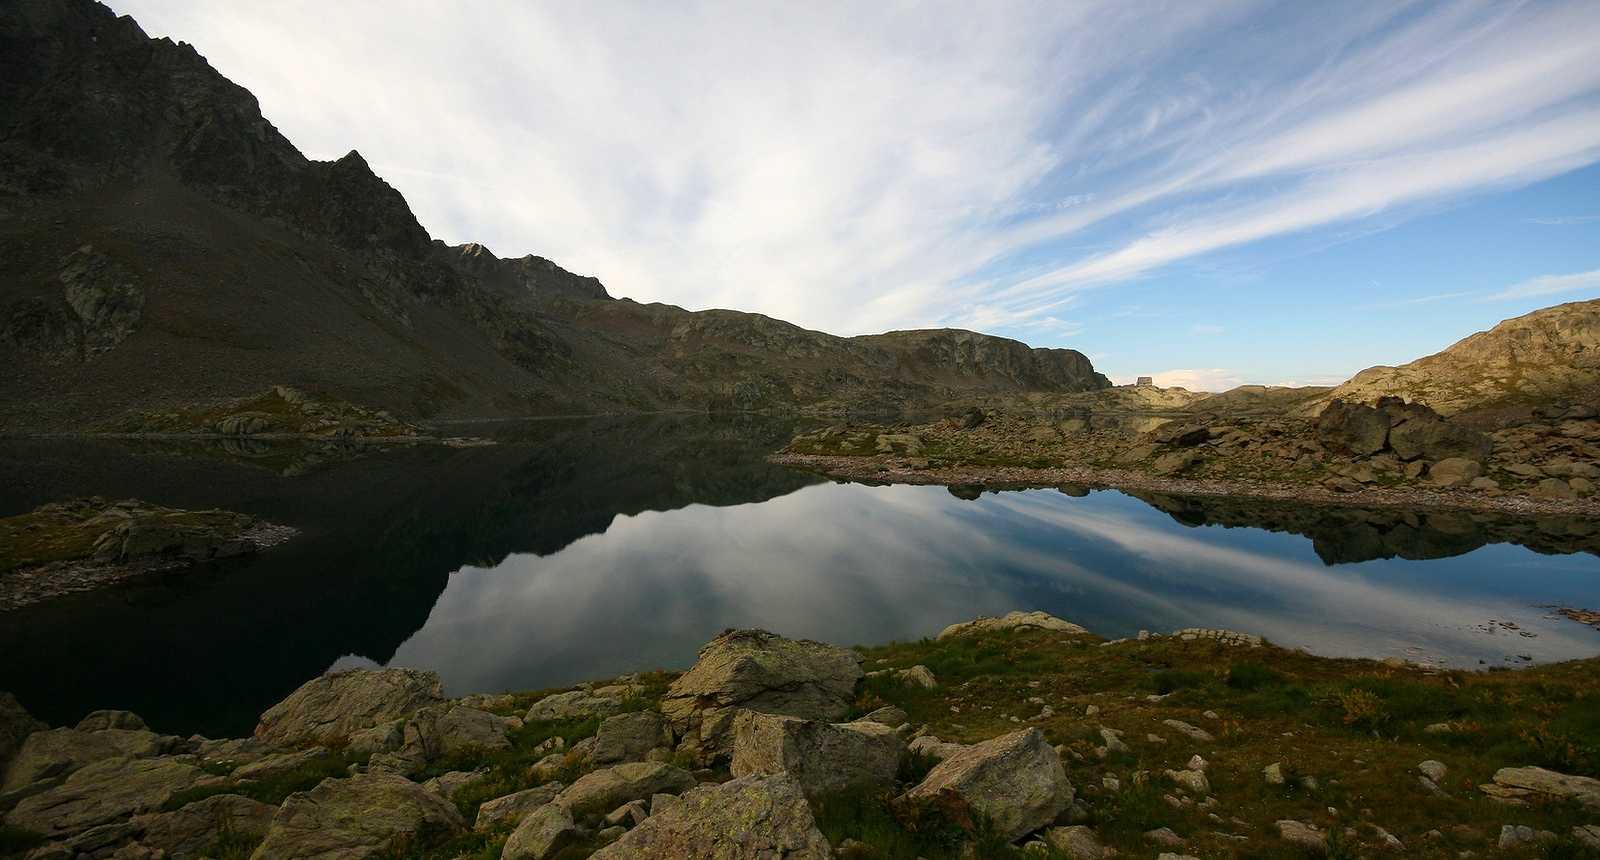 Le Lac de Rabuons dans le Parc National du Mercantour